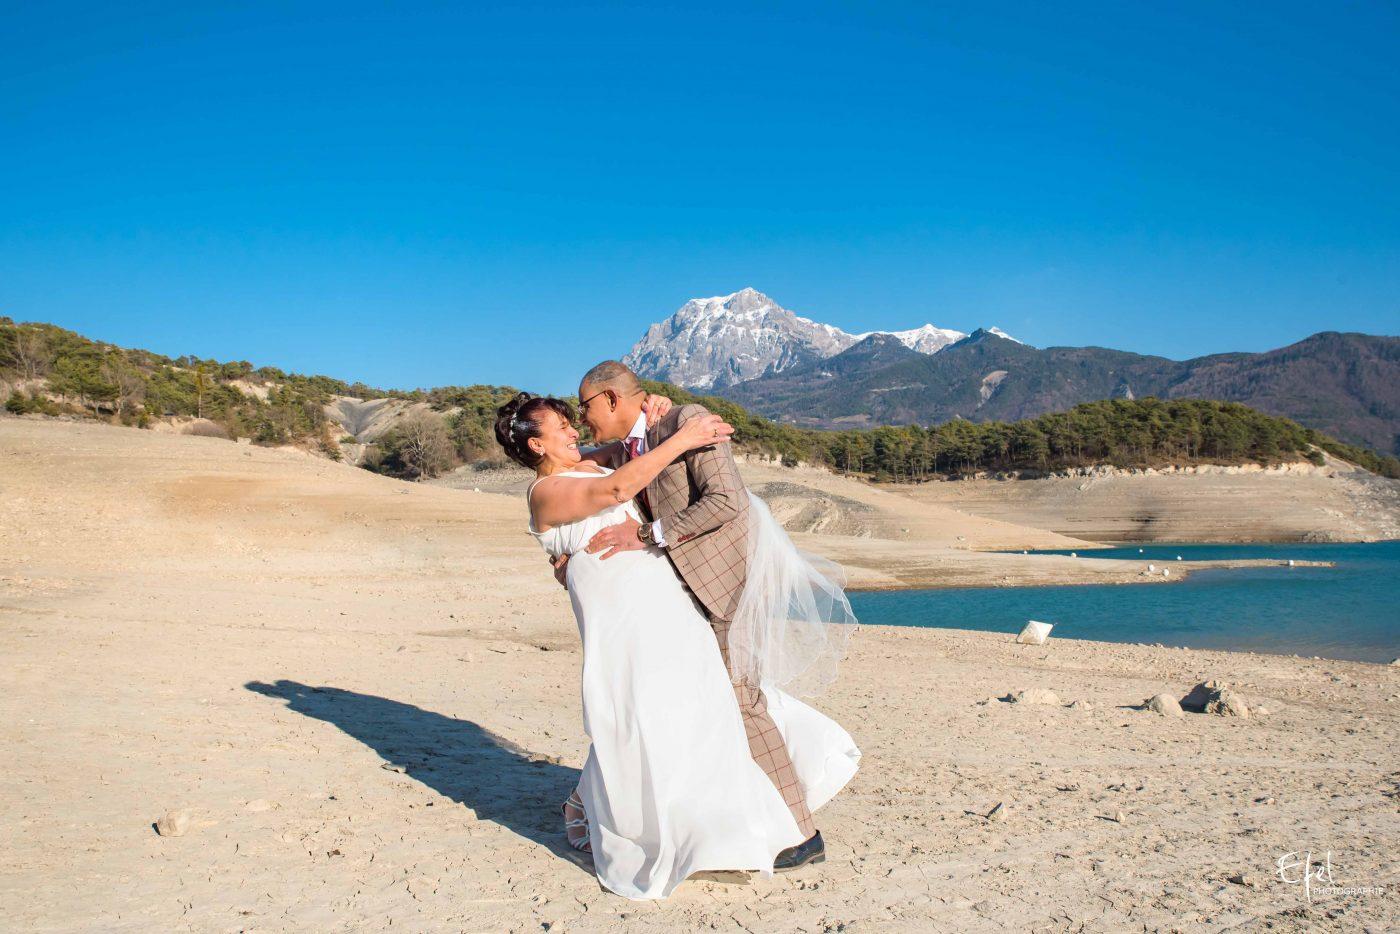 Shooting couple à la baie de chanteloube au lac de serre-ponçon photographe chorges